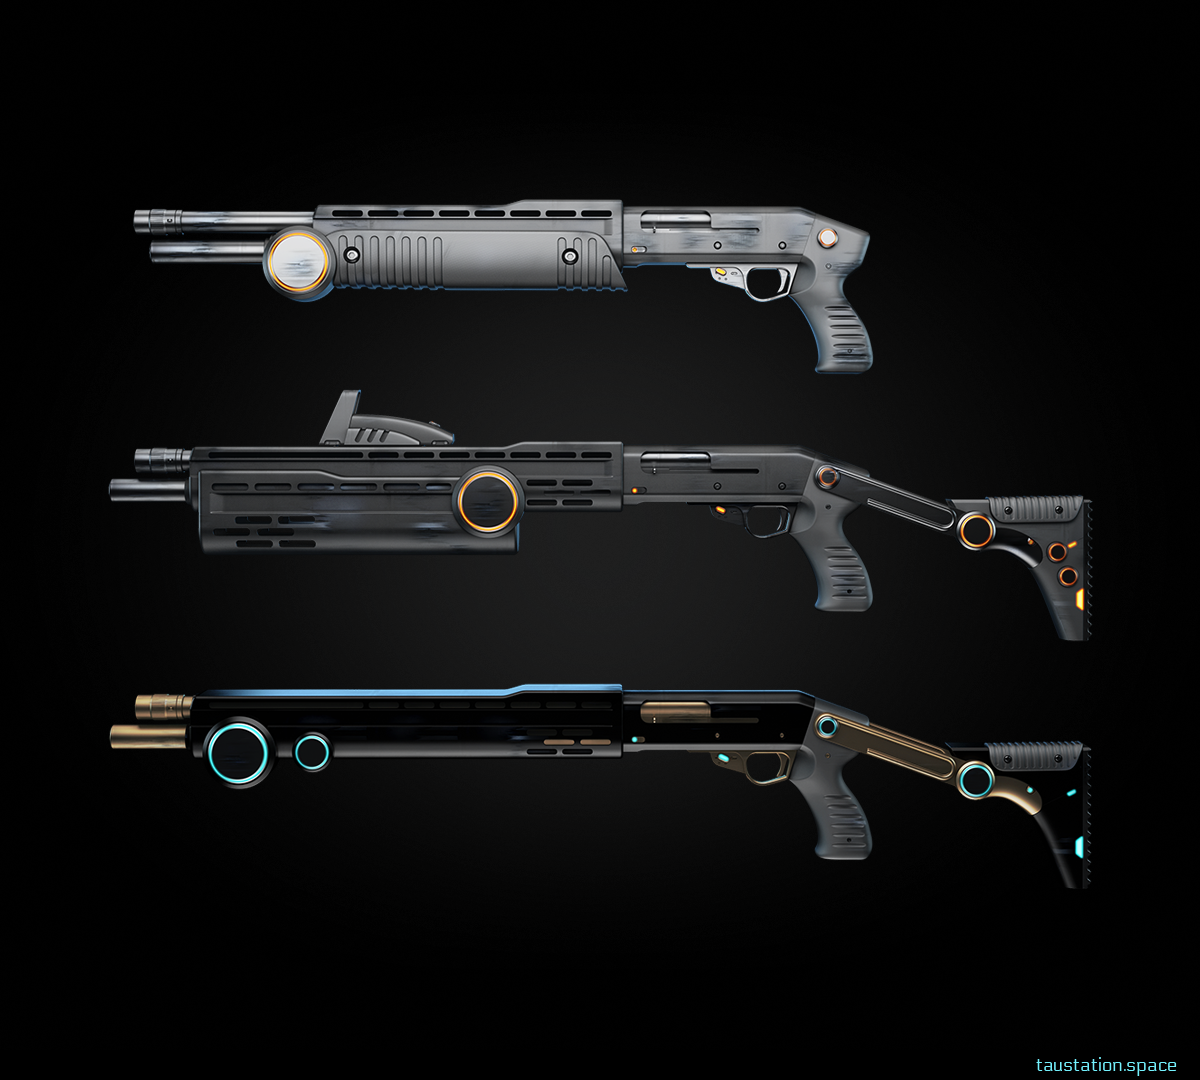 3 shotguns